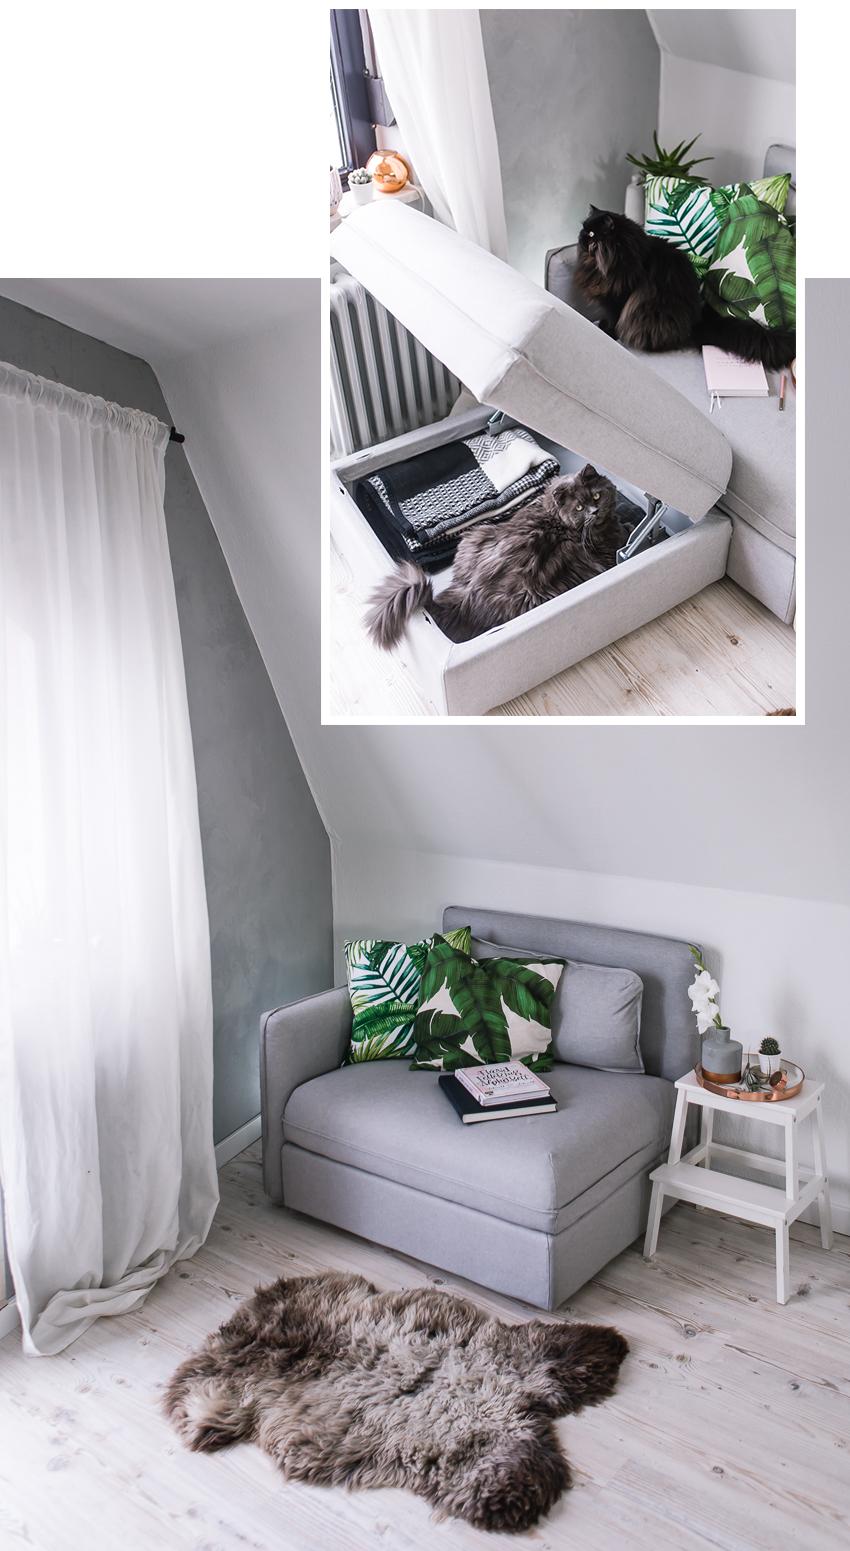 ... Dem IKEA Sofa VALLENTUNA Stehen Uns Quasi Alle Möglichkeiten In Sachen  Polstermöbel Offen. Uns Das Passt Perfekt Zu Uns Und Unserem Neuen  Wohnzimmer.